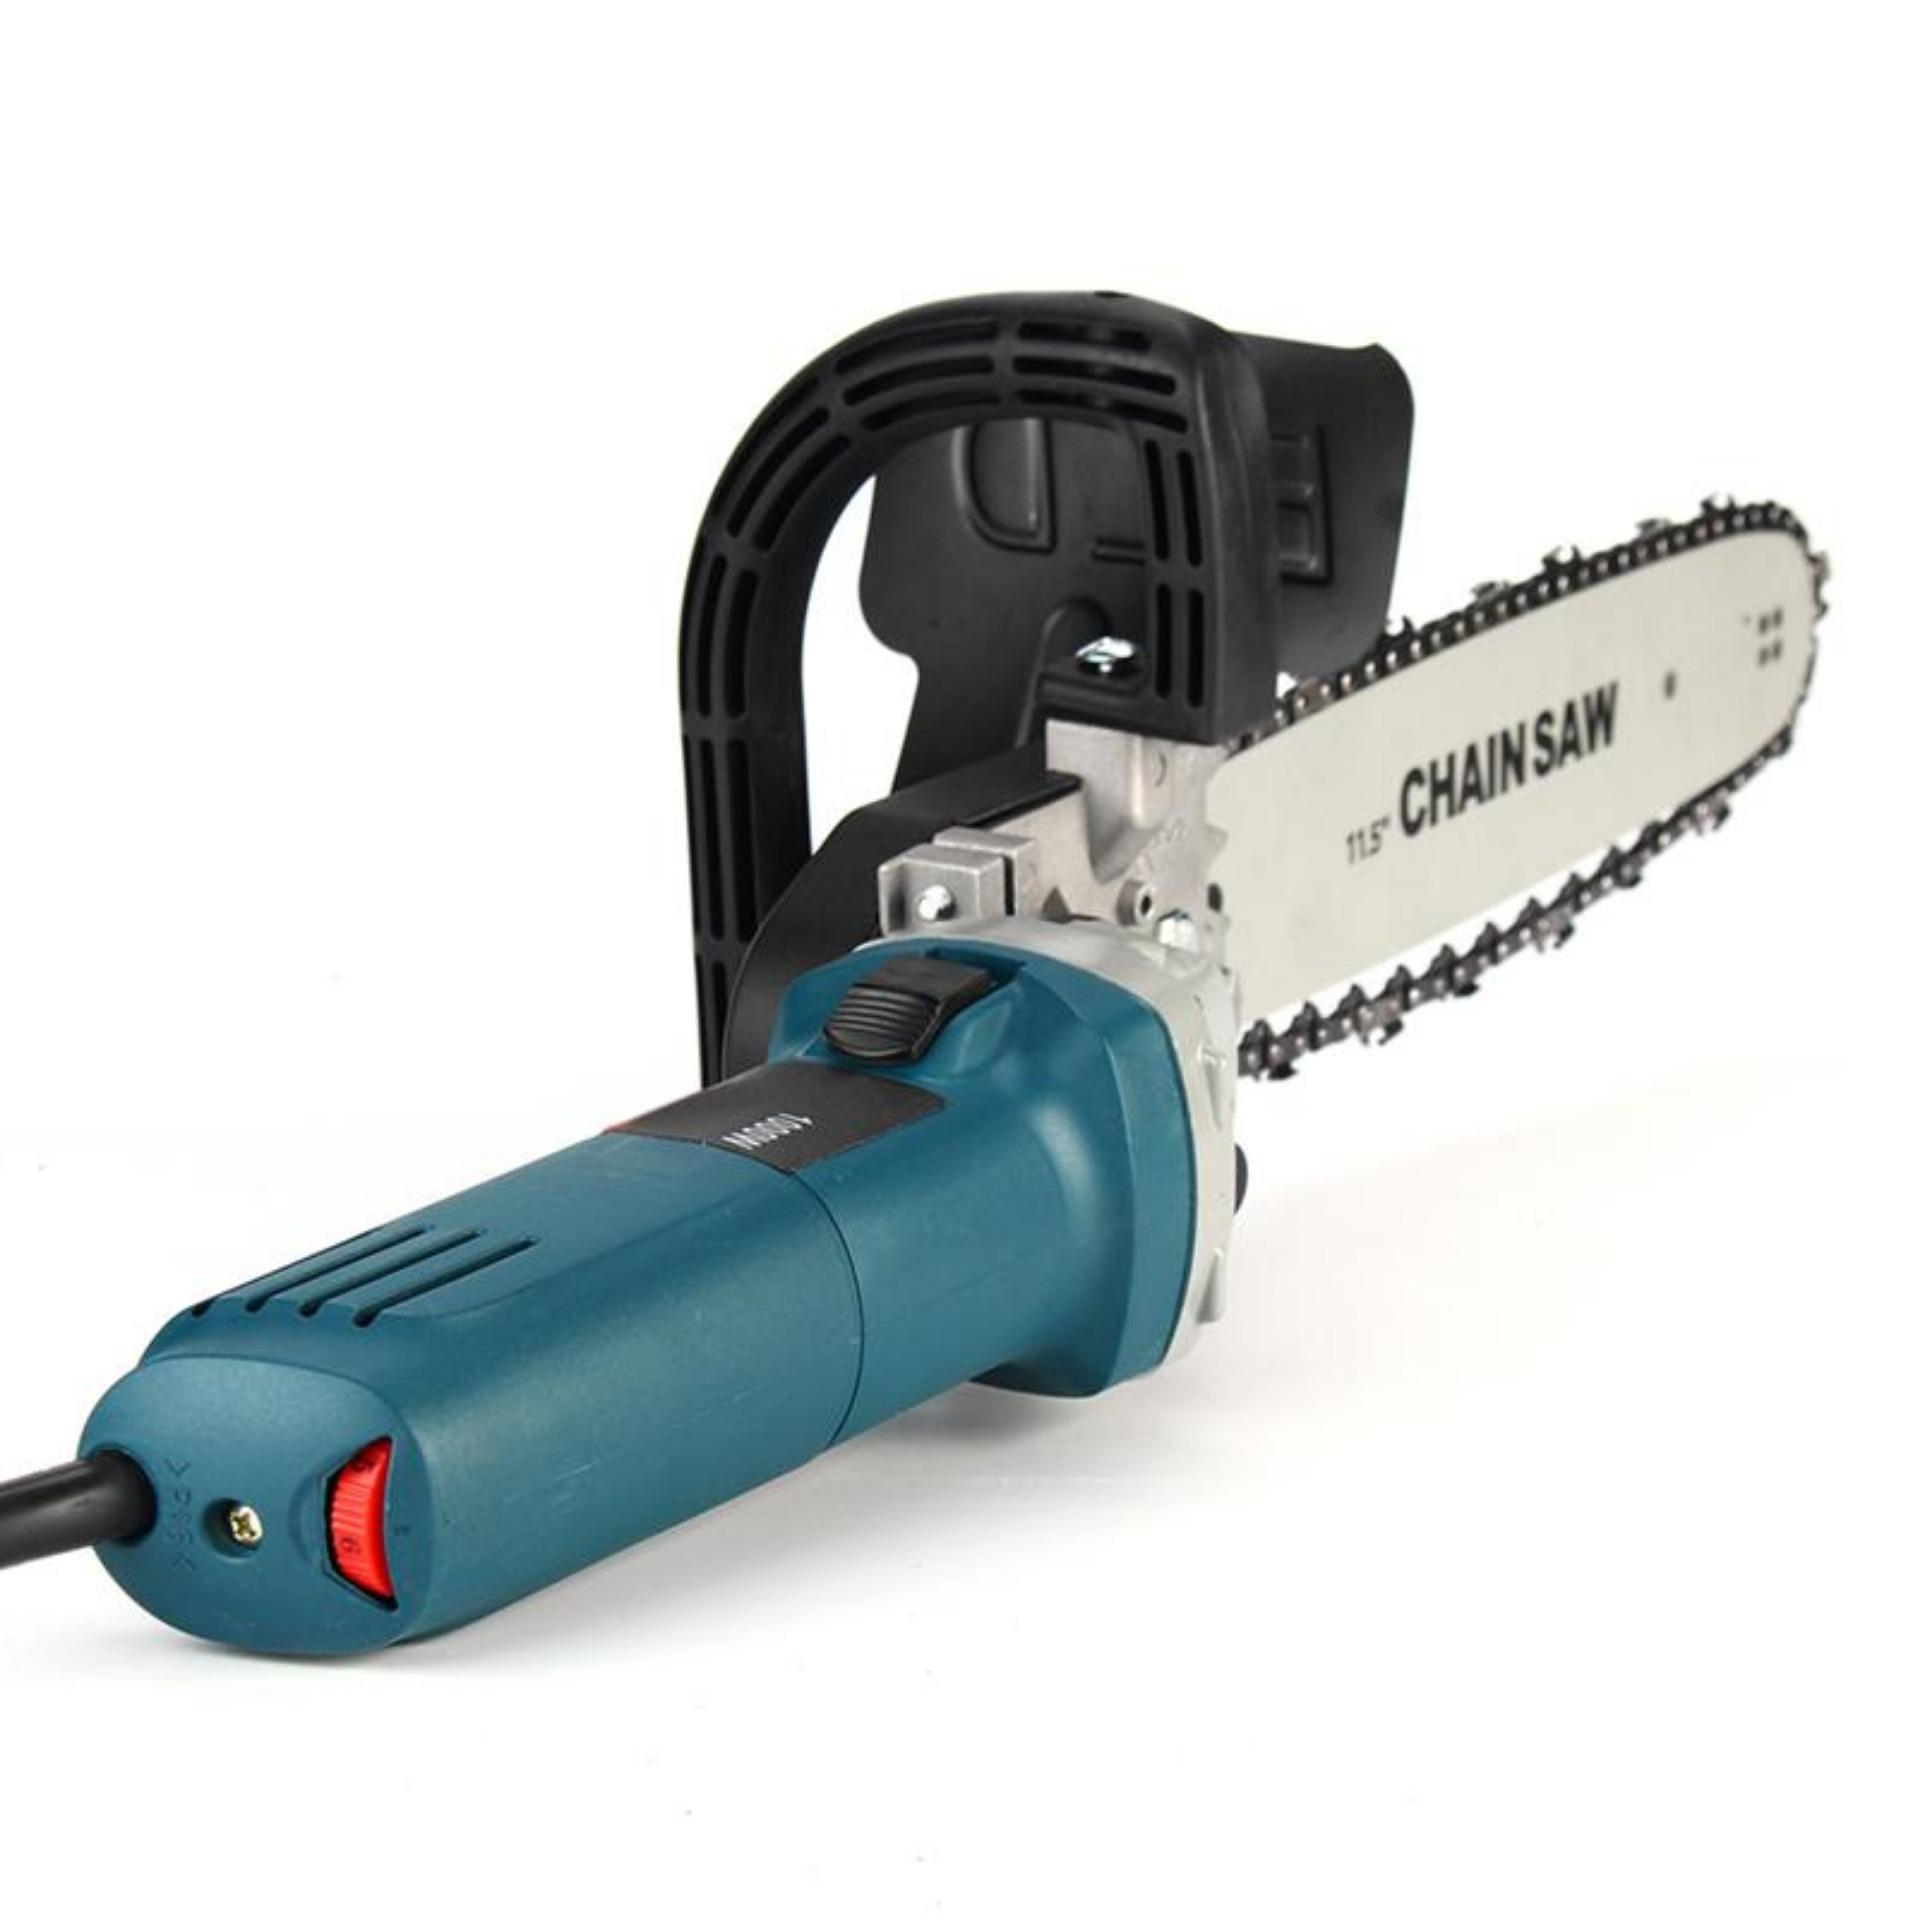 Hình ảnh Lưỡi cưa xích chainsaw dùng cho máy cưa xích giá rẻ - phụ tùng của may cua go cam tay gia re